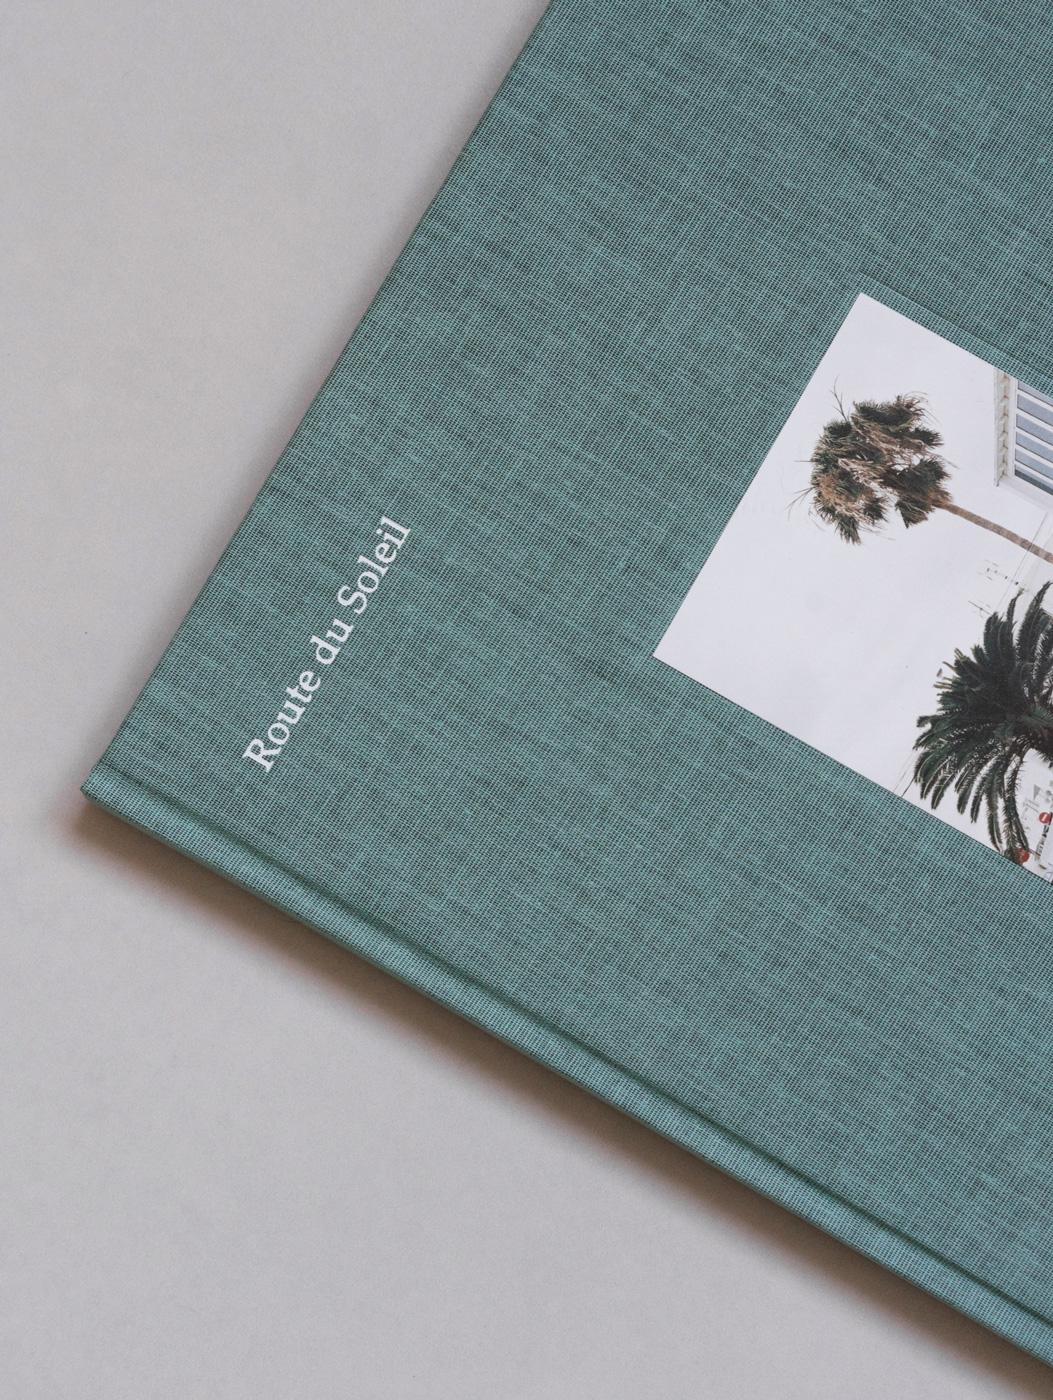 Detlet boek ontwerp Cleo Goossens